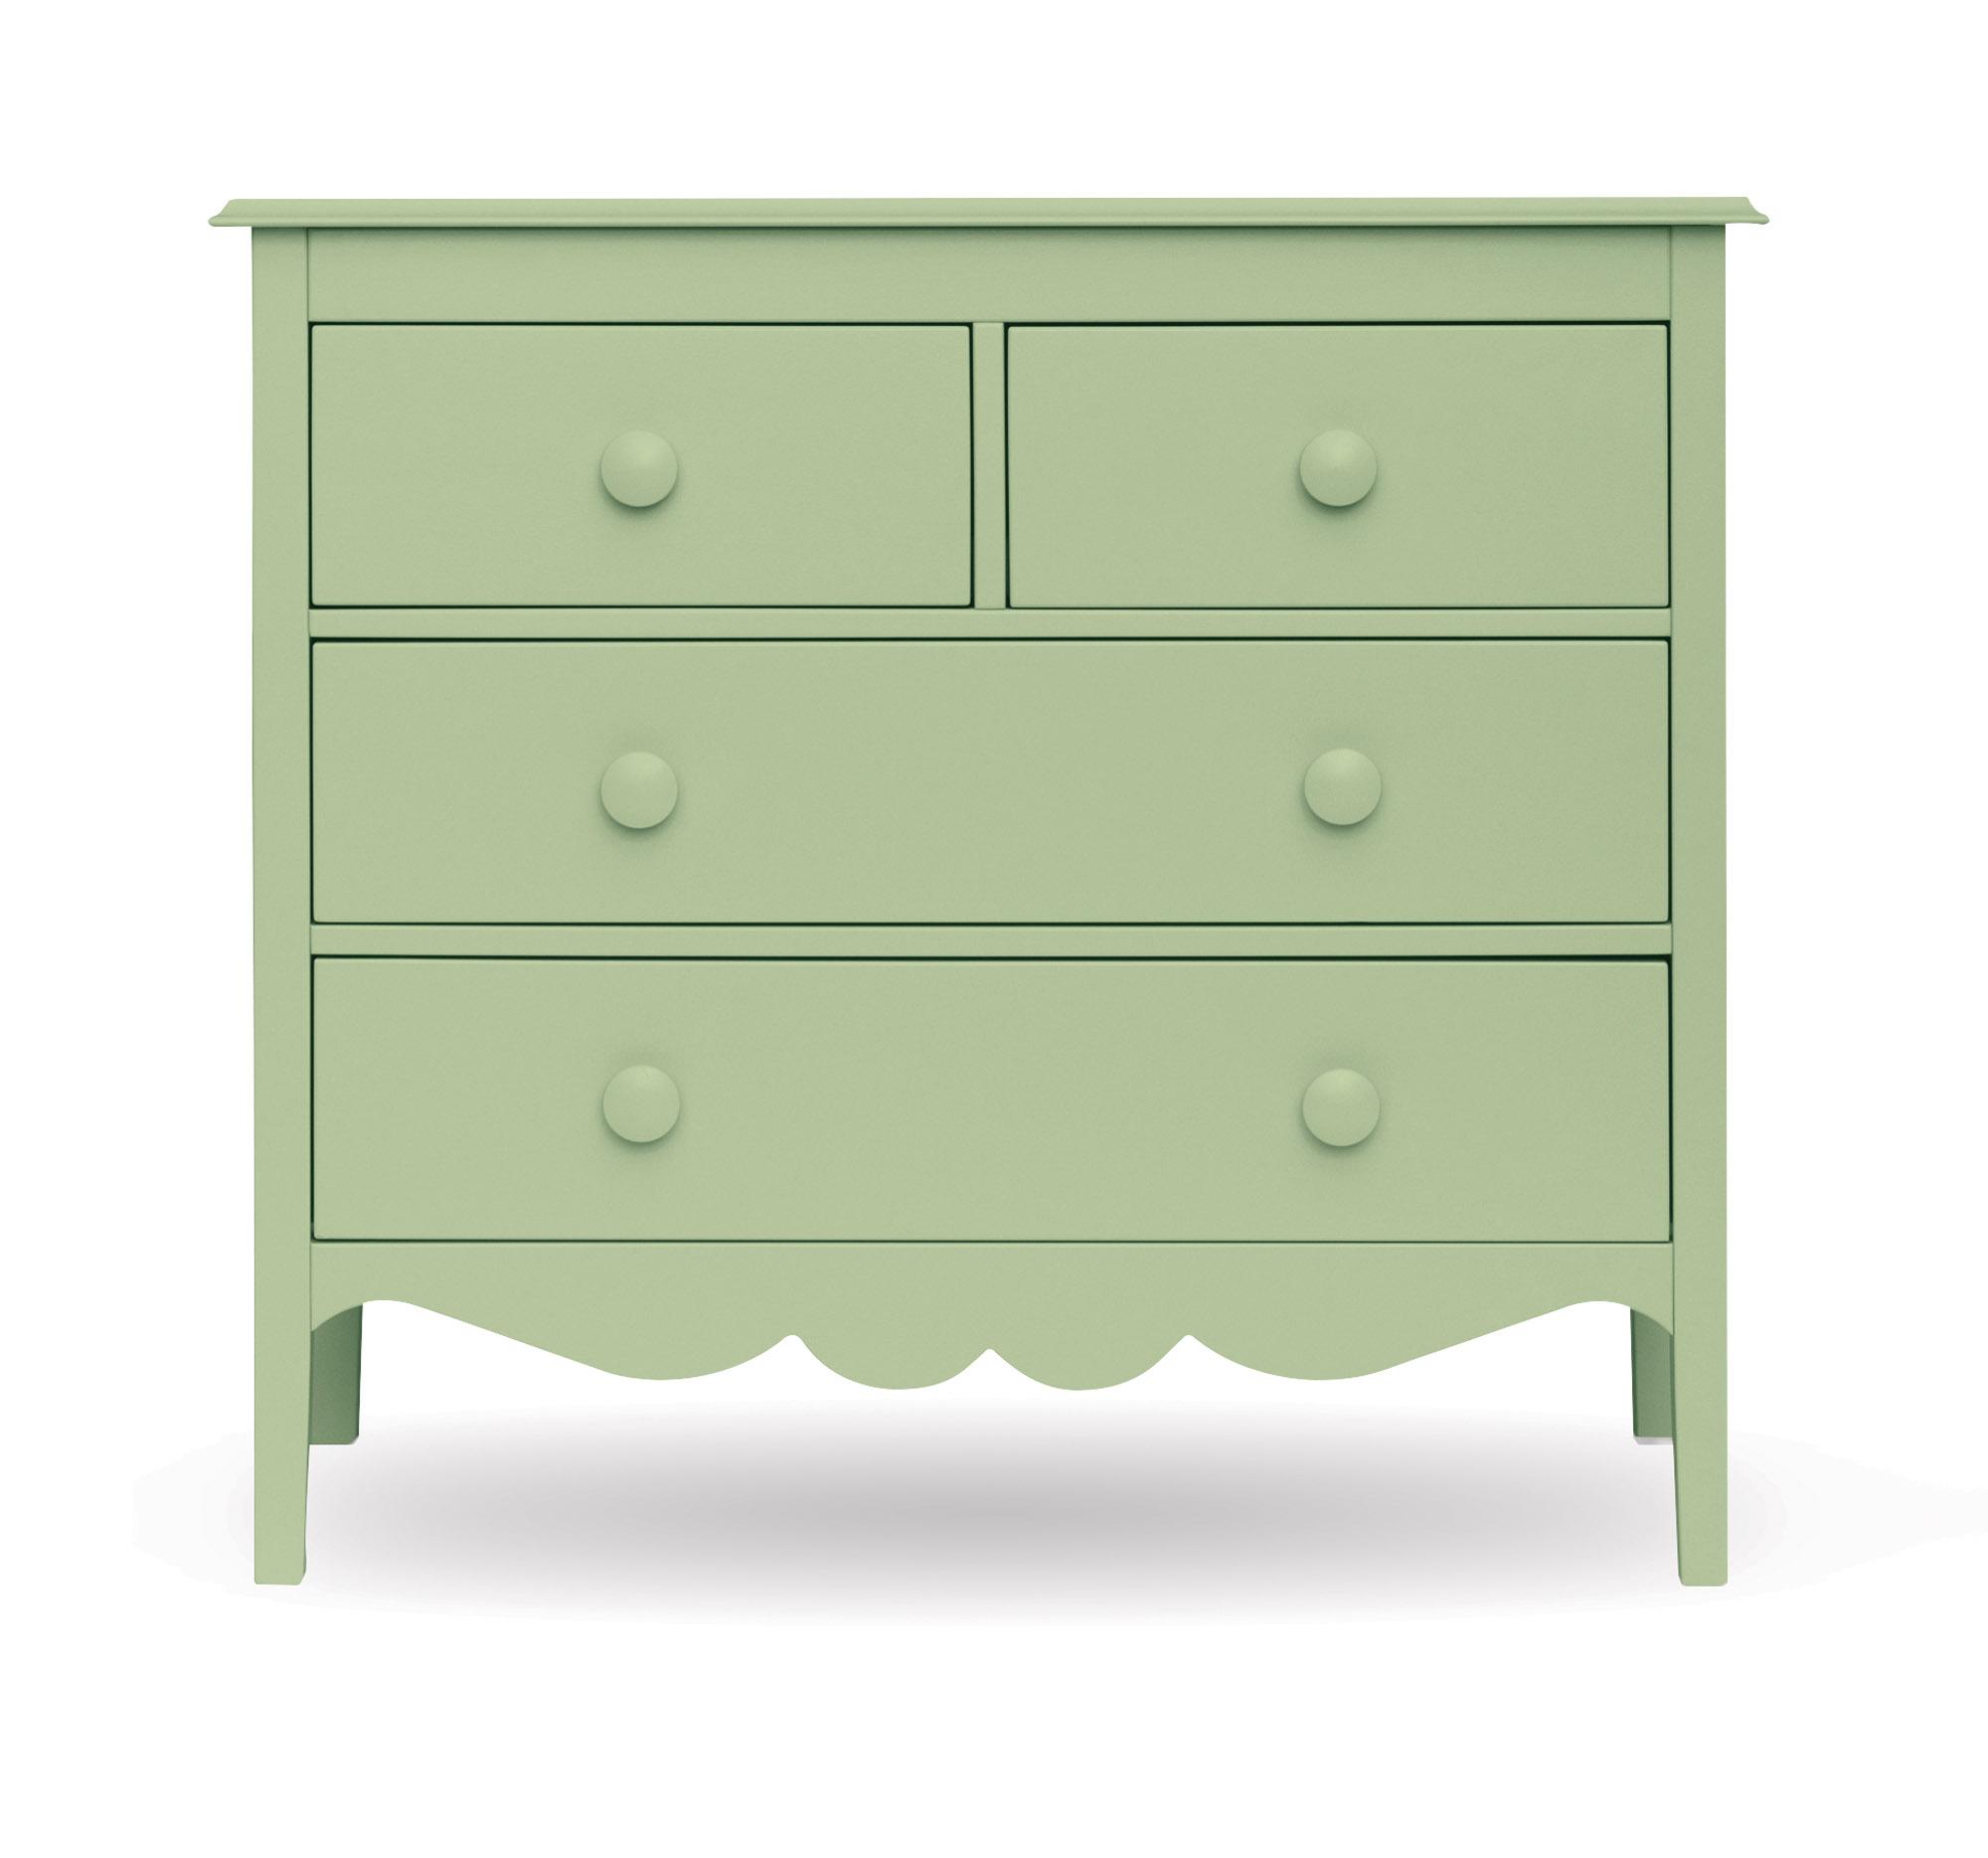 'Nellie' dresser by Maine Cottage